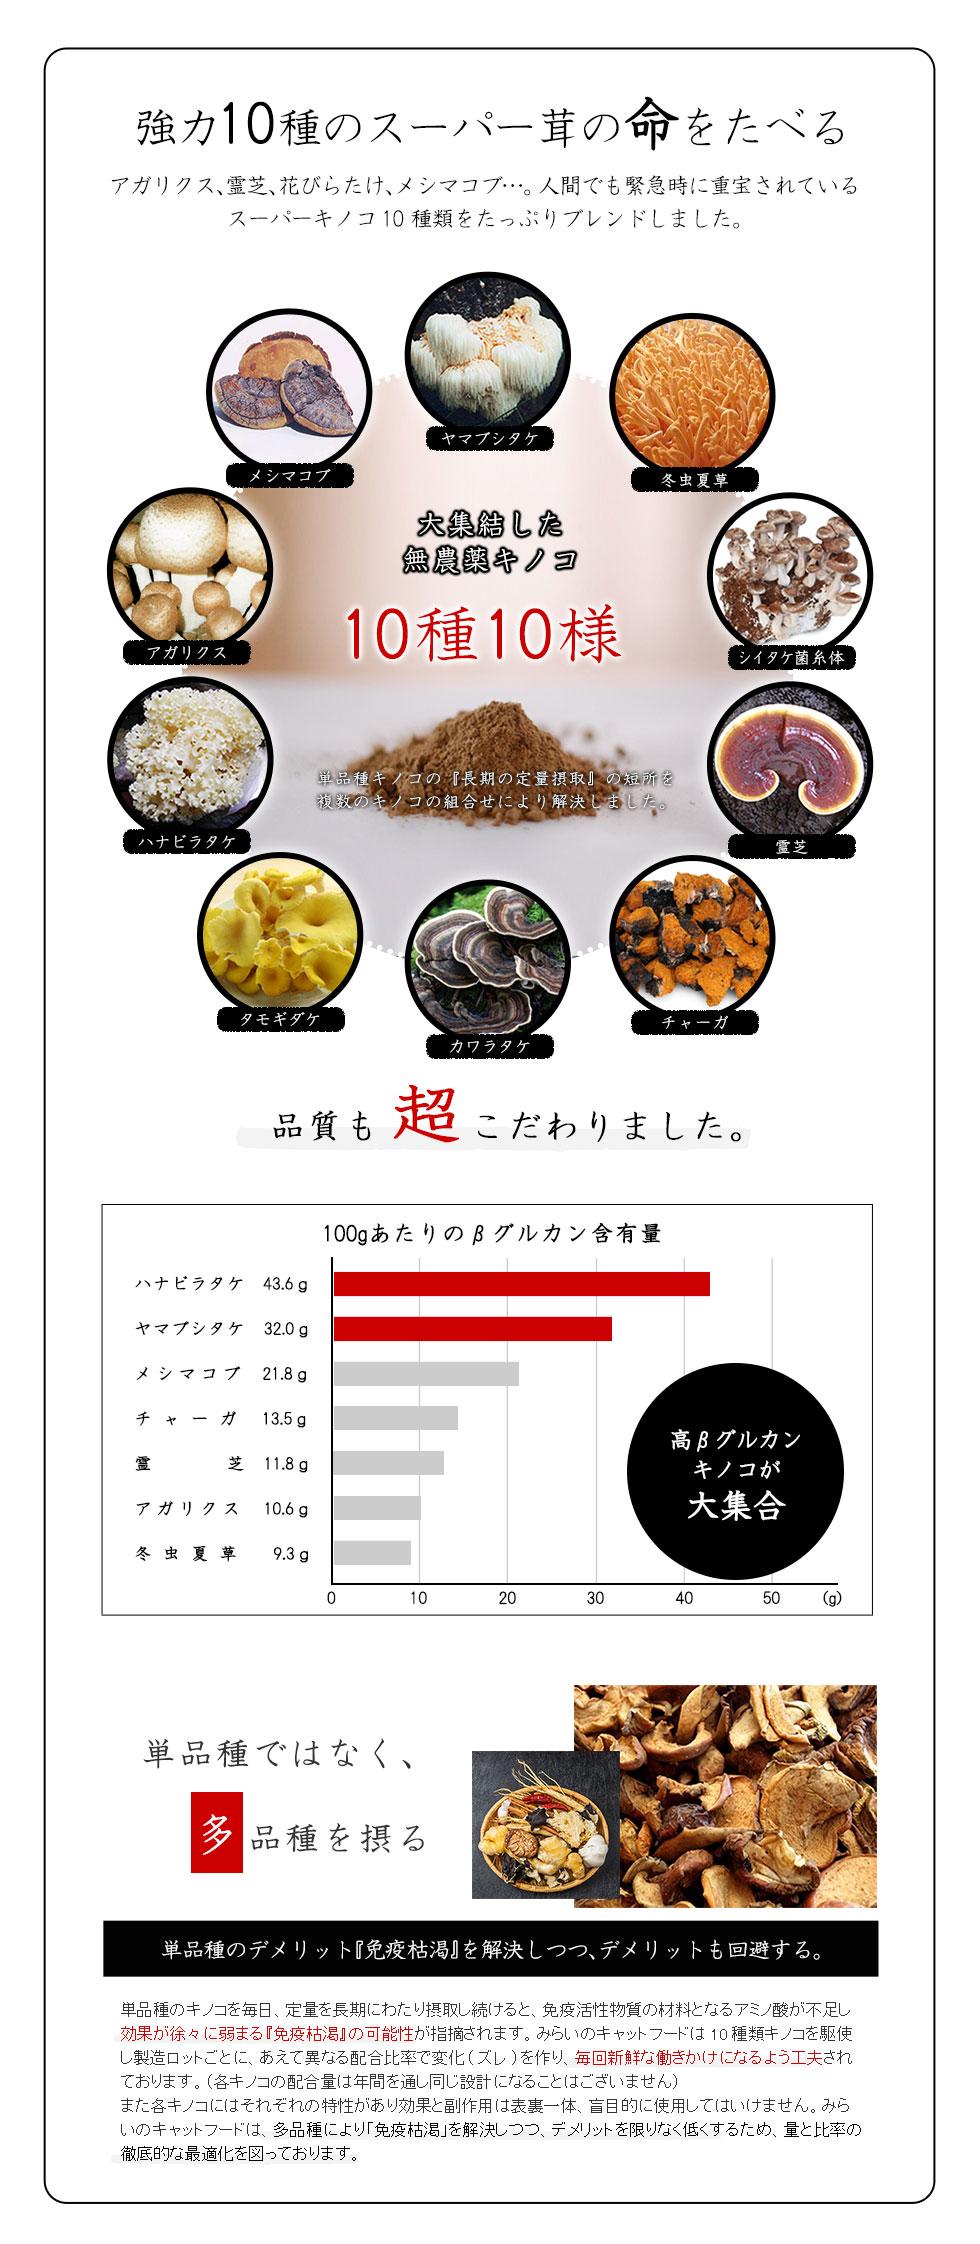 強力10種のスーパー茸の命を食べる